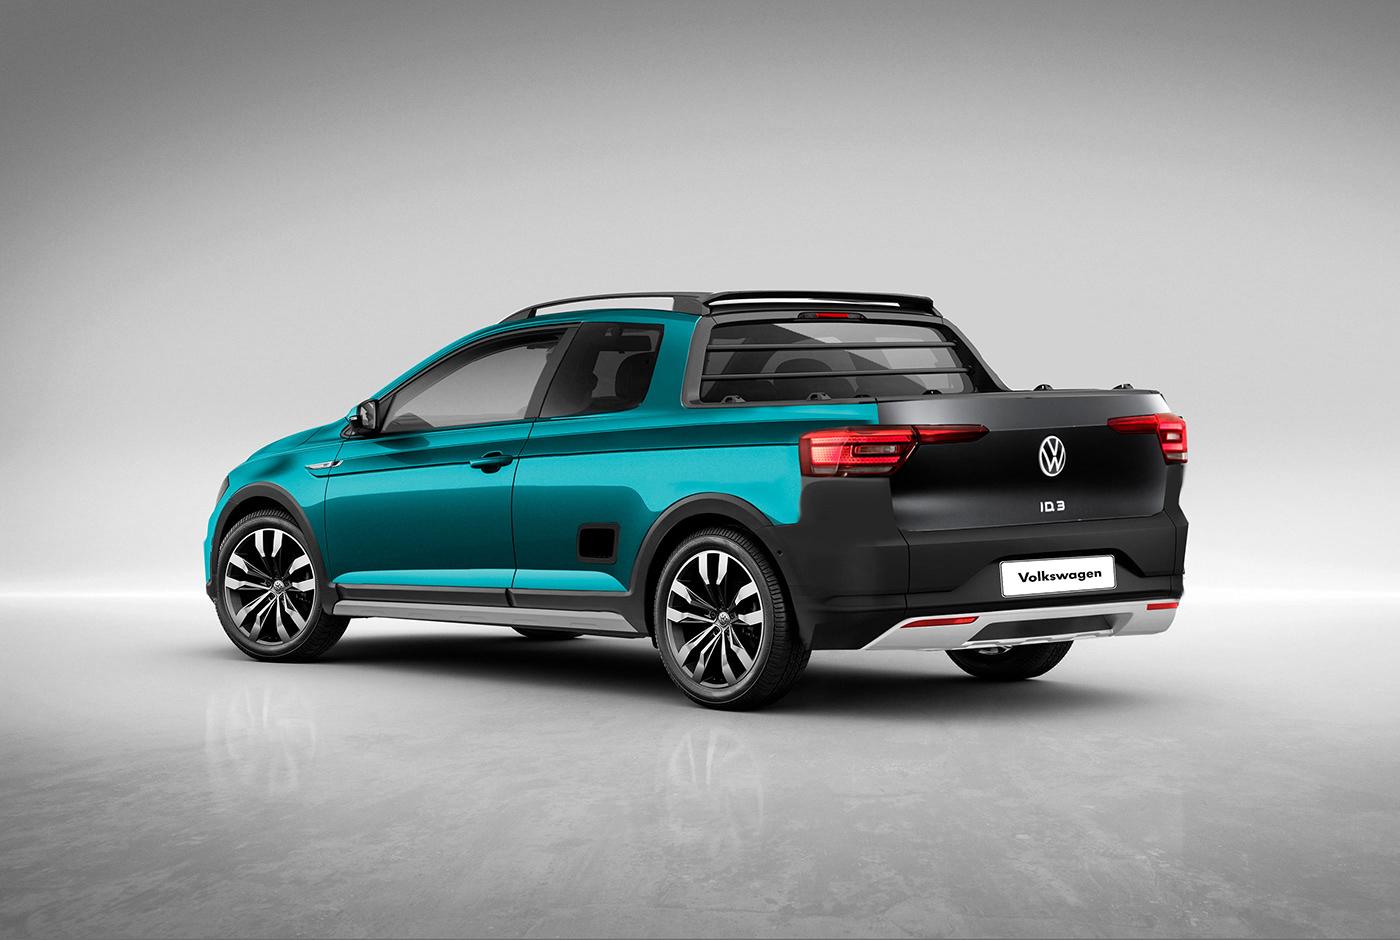 Volkswagen-iD3-Pickup-2